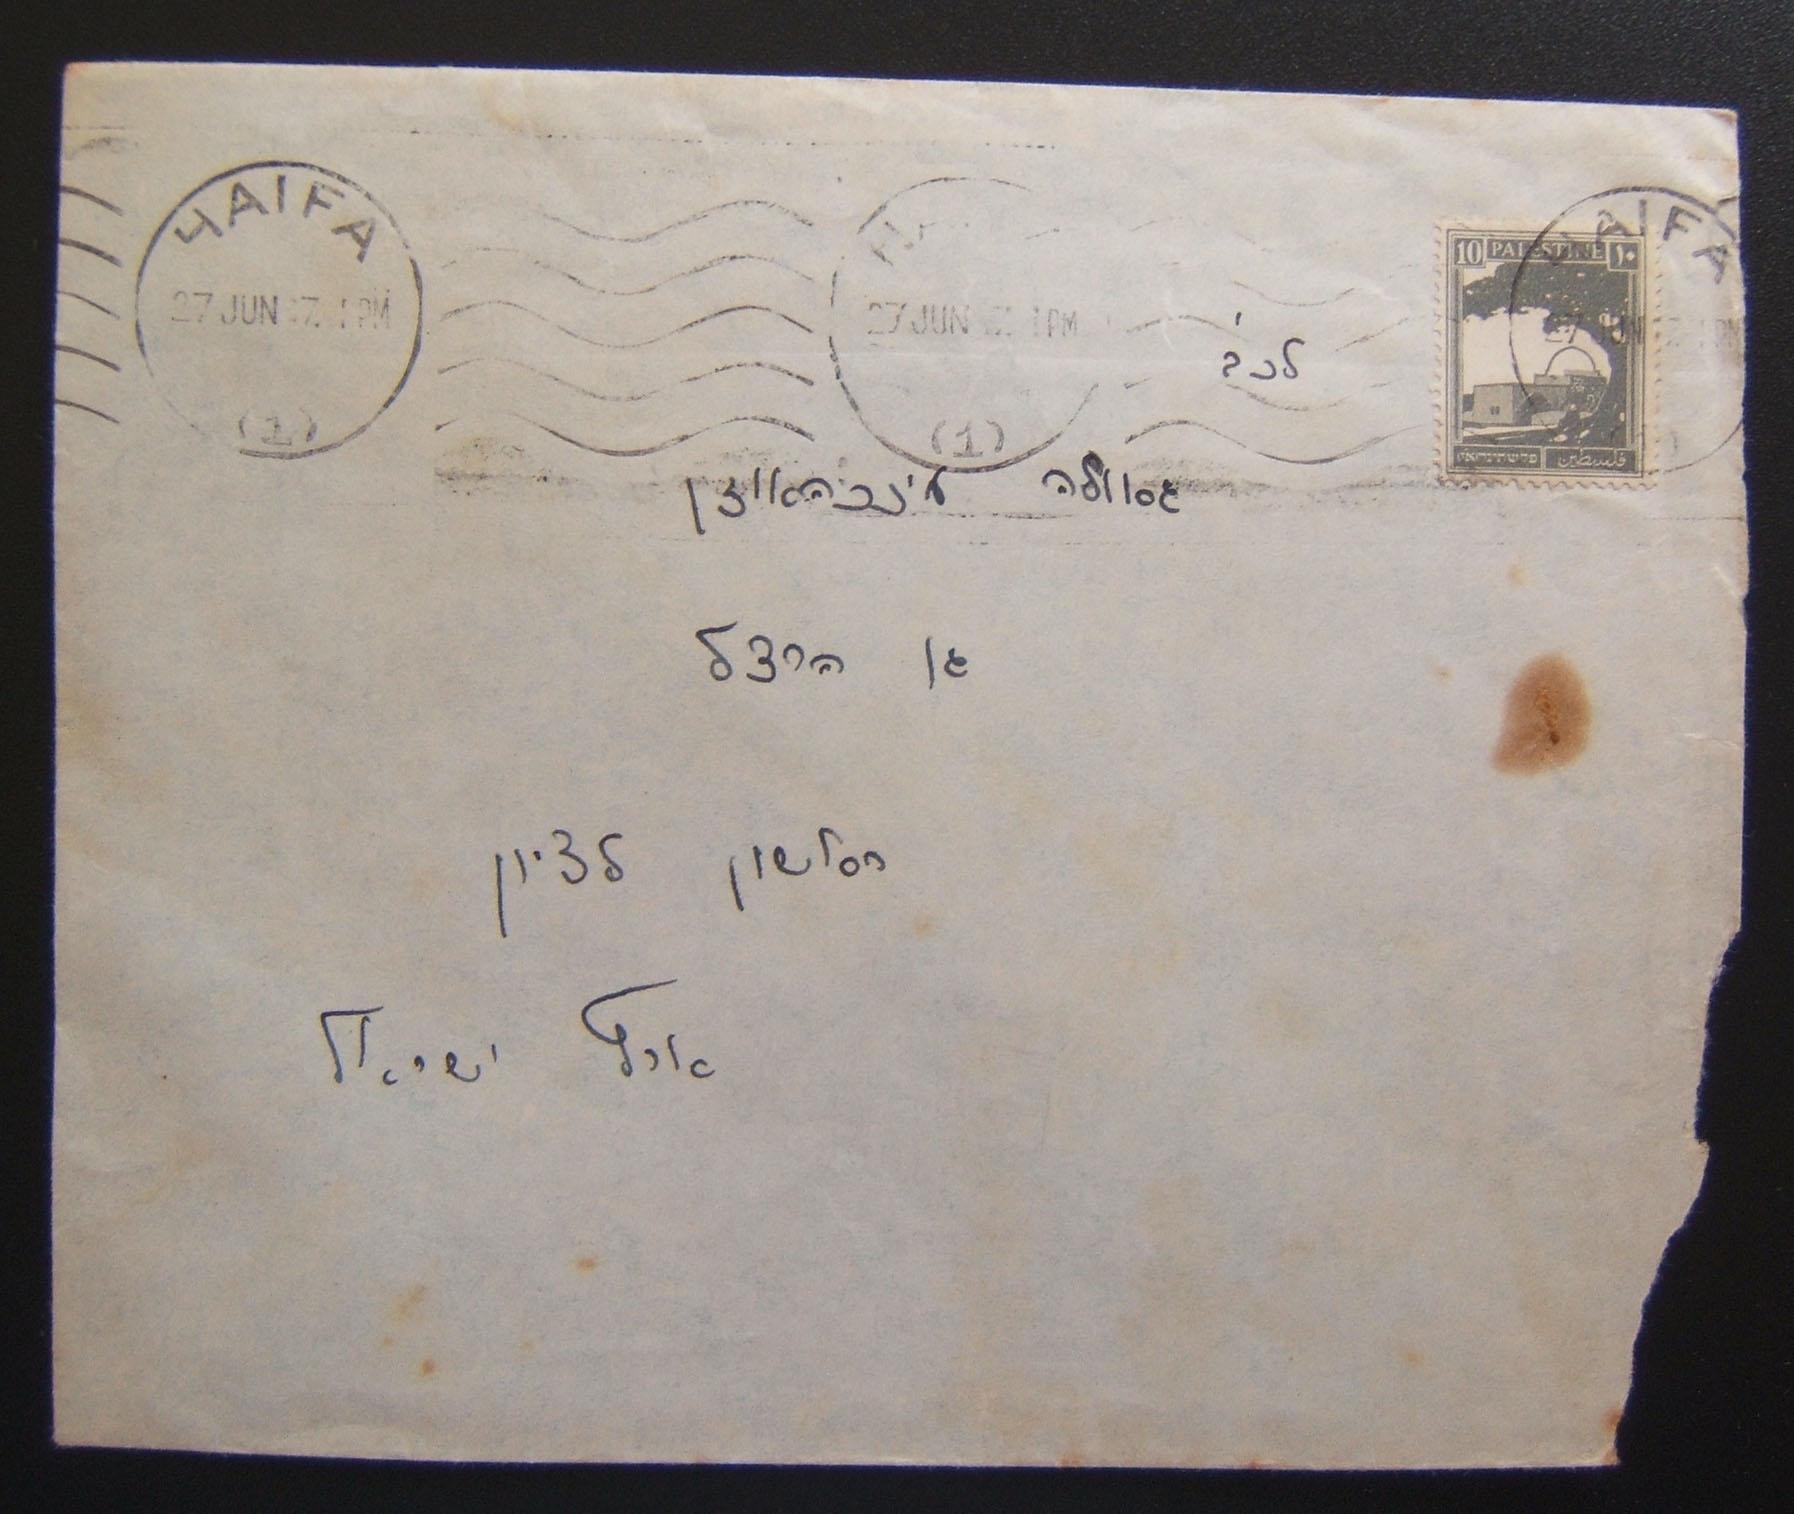 Privat transportierte Post: Umschlag von HAIFA zu RLZ frankiert 10m, markiert am 27. Juni 47, 1 (oder 4) Uhr nachmittags